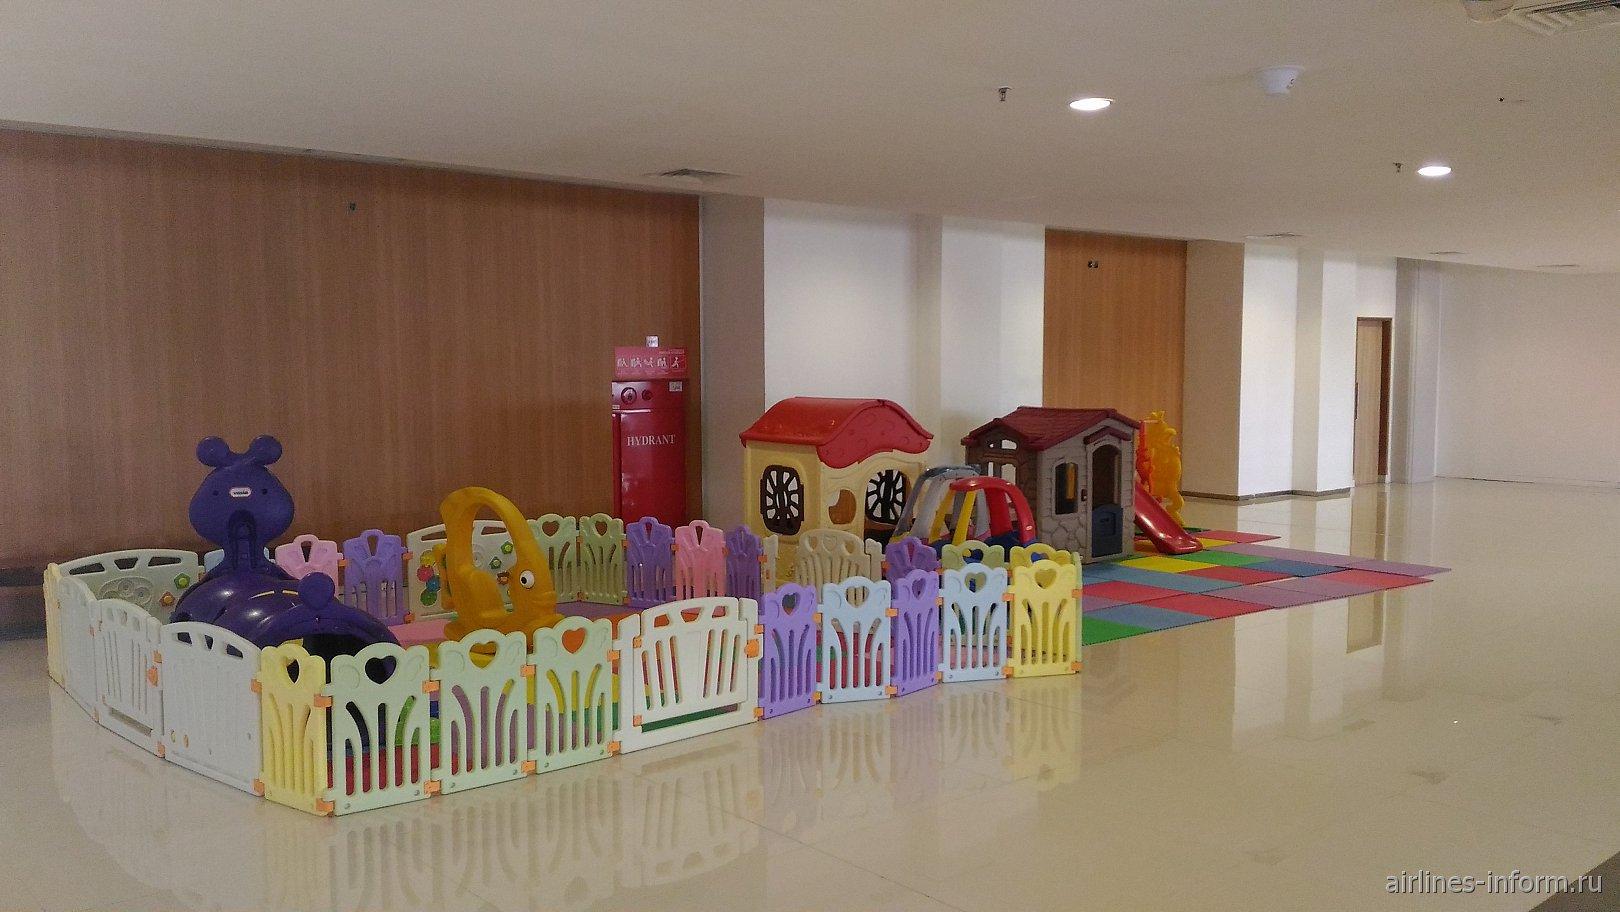 Детская зона в терминале внутренних линий аэропорта Денпасар Нгура Рай